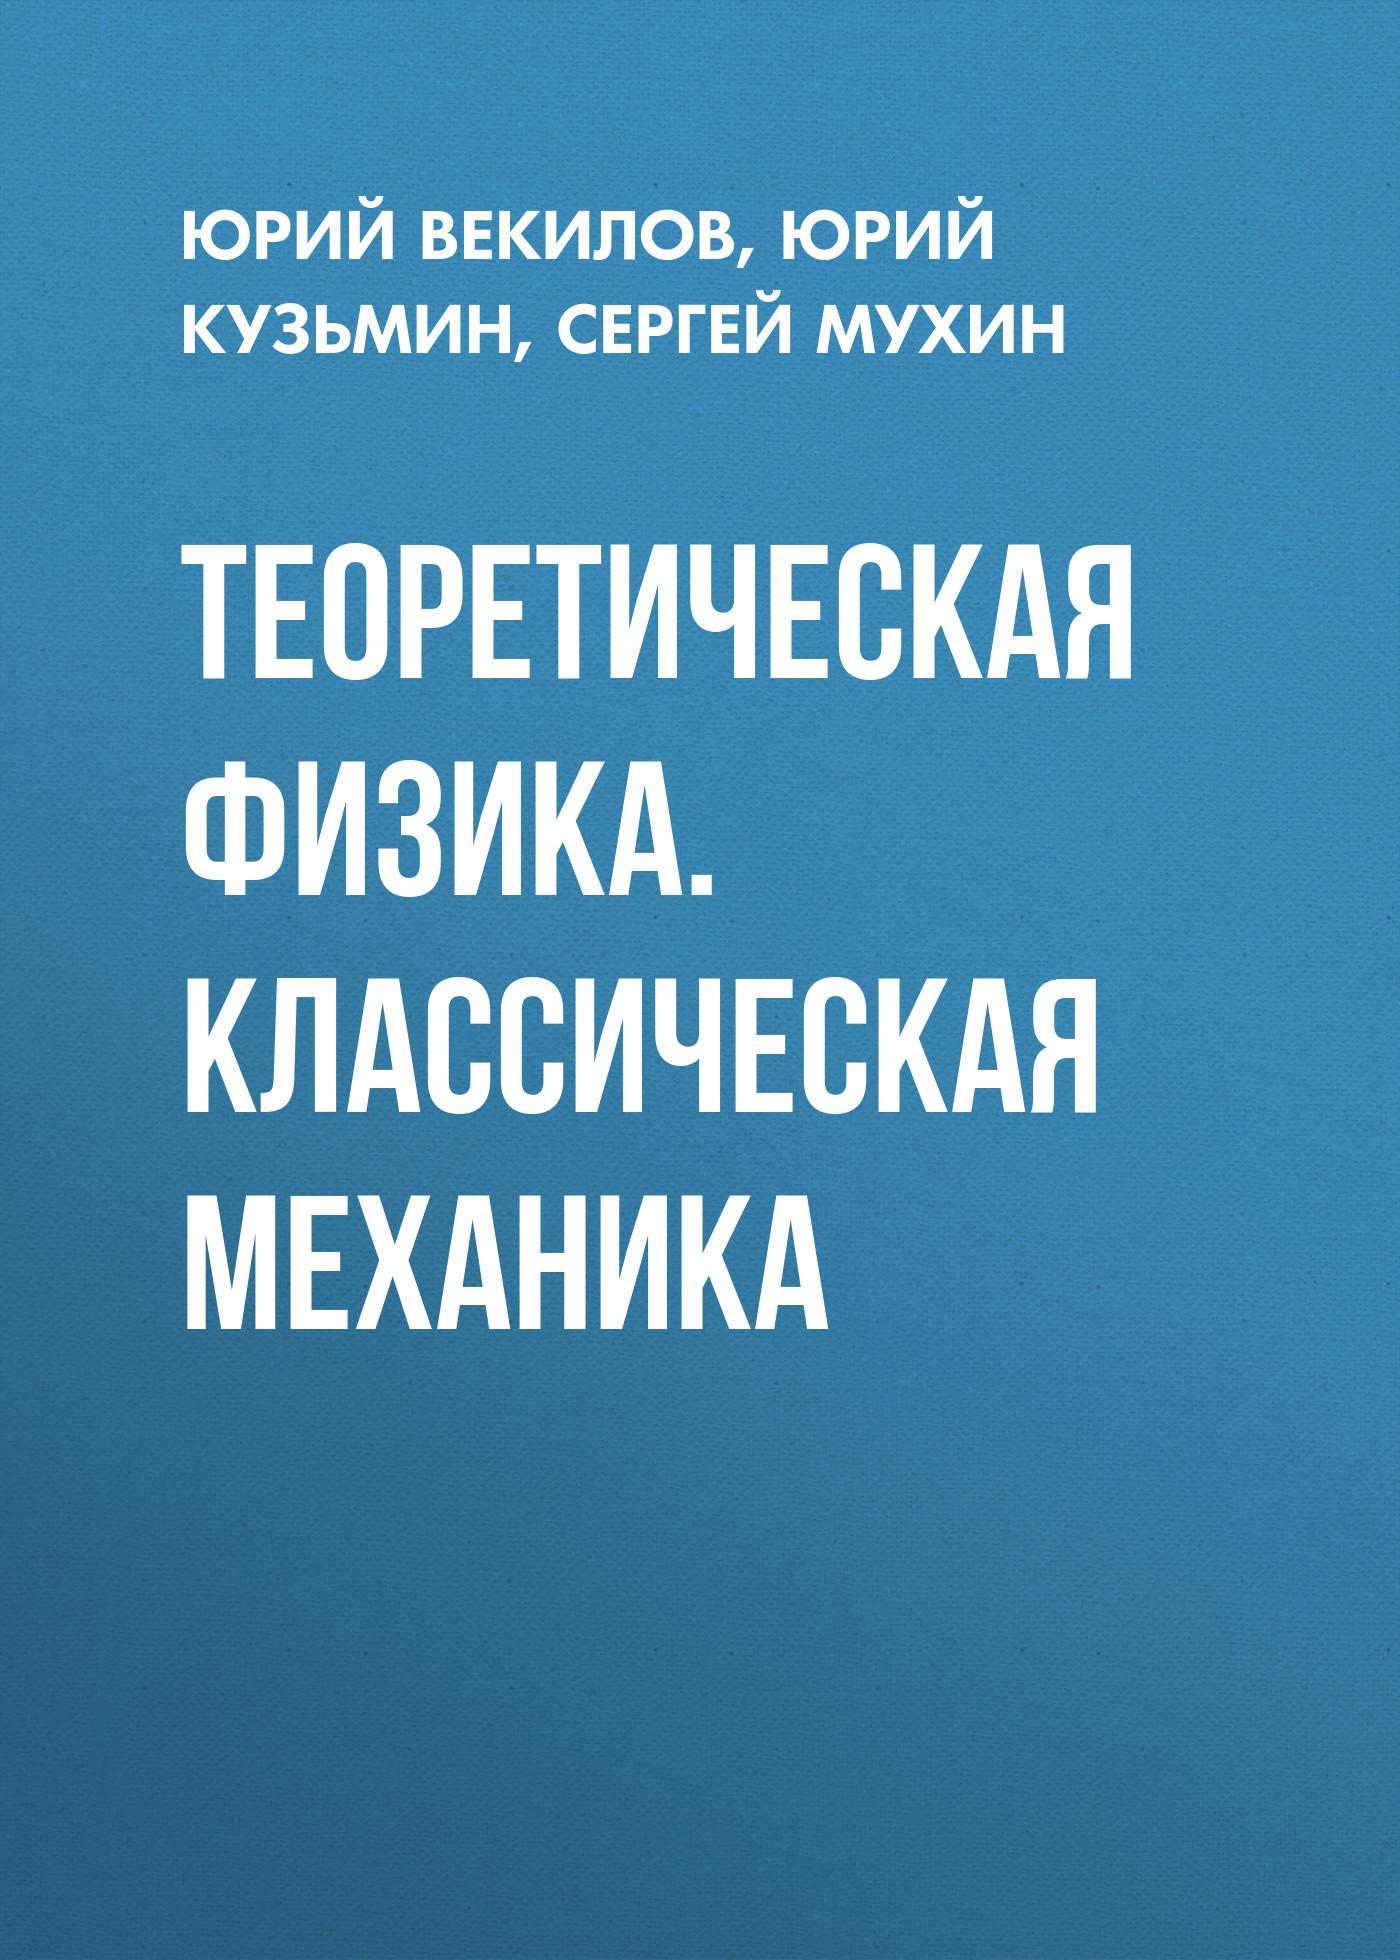 Юрий Векилов. Теоретическая физика. Классическая механика